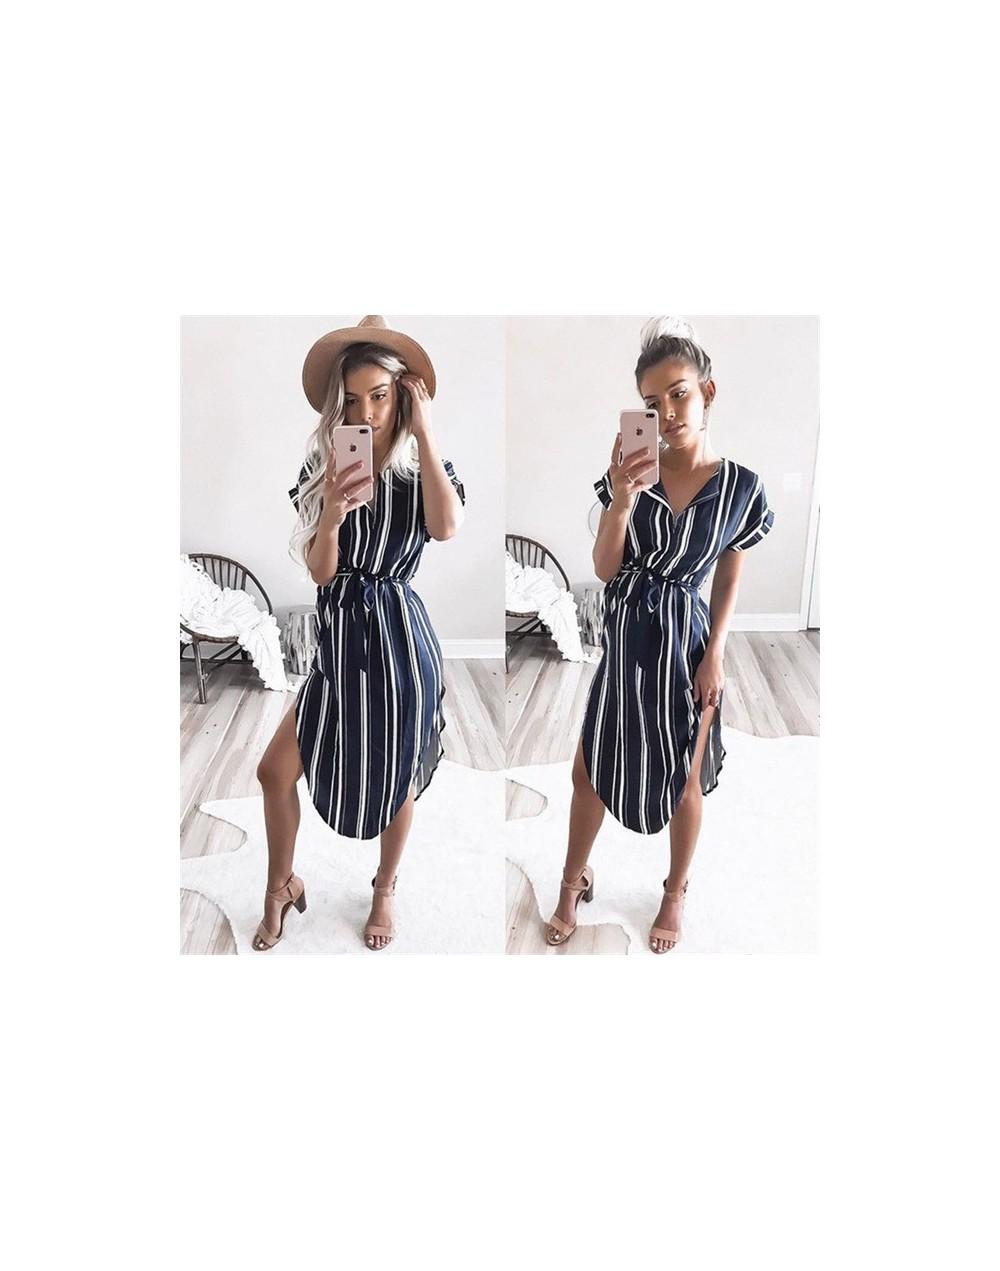 2019 Summer Long Dress Floral Print Boho Beach Dress Tunic Maxi Dress Women Evening Party Dress Sundress Vestidos de festa X...